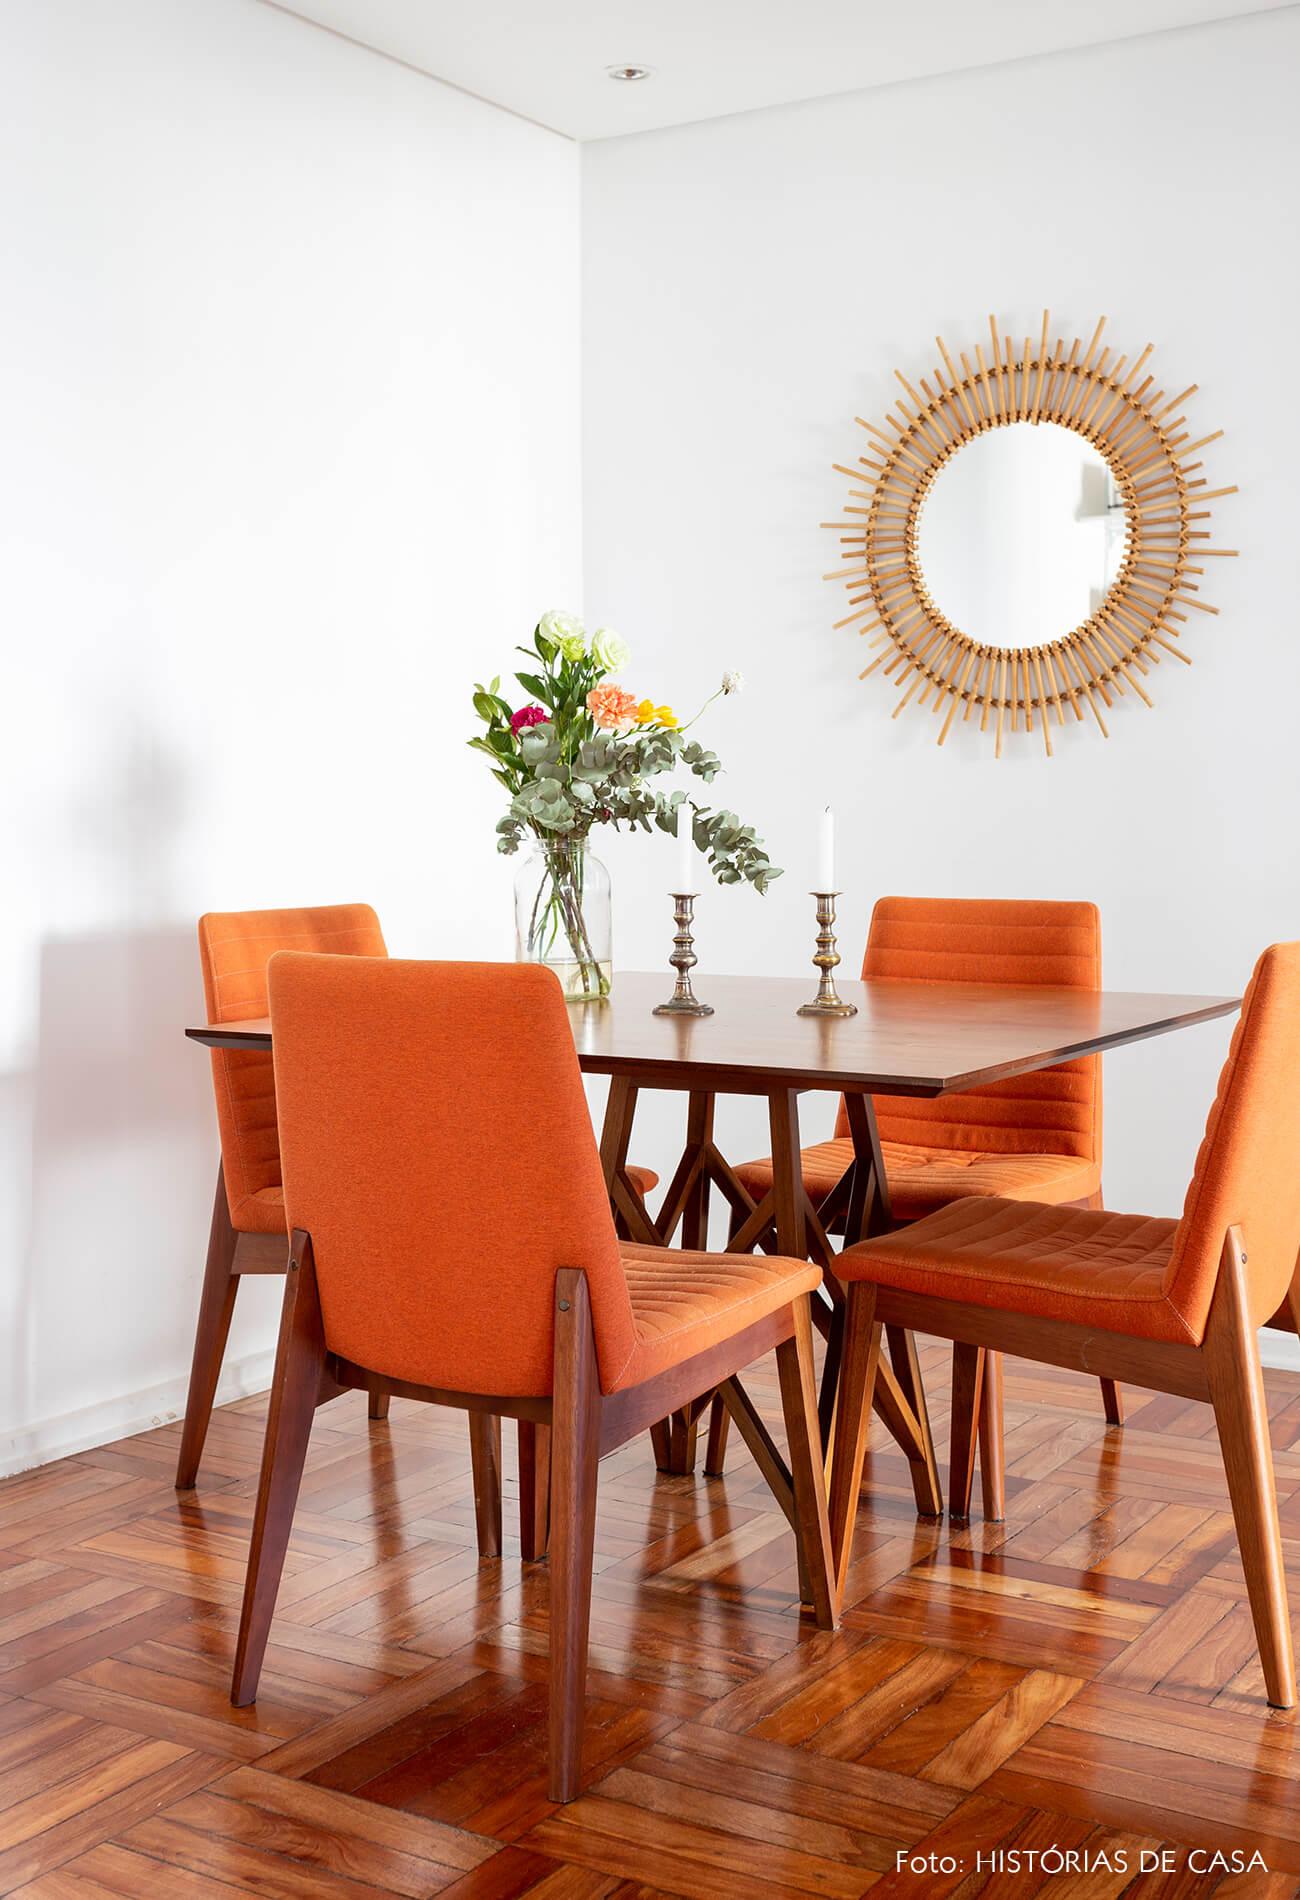 Sala de jantar com cadeiras laranja e piso de tacos